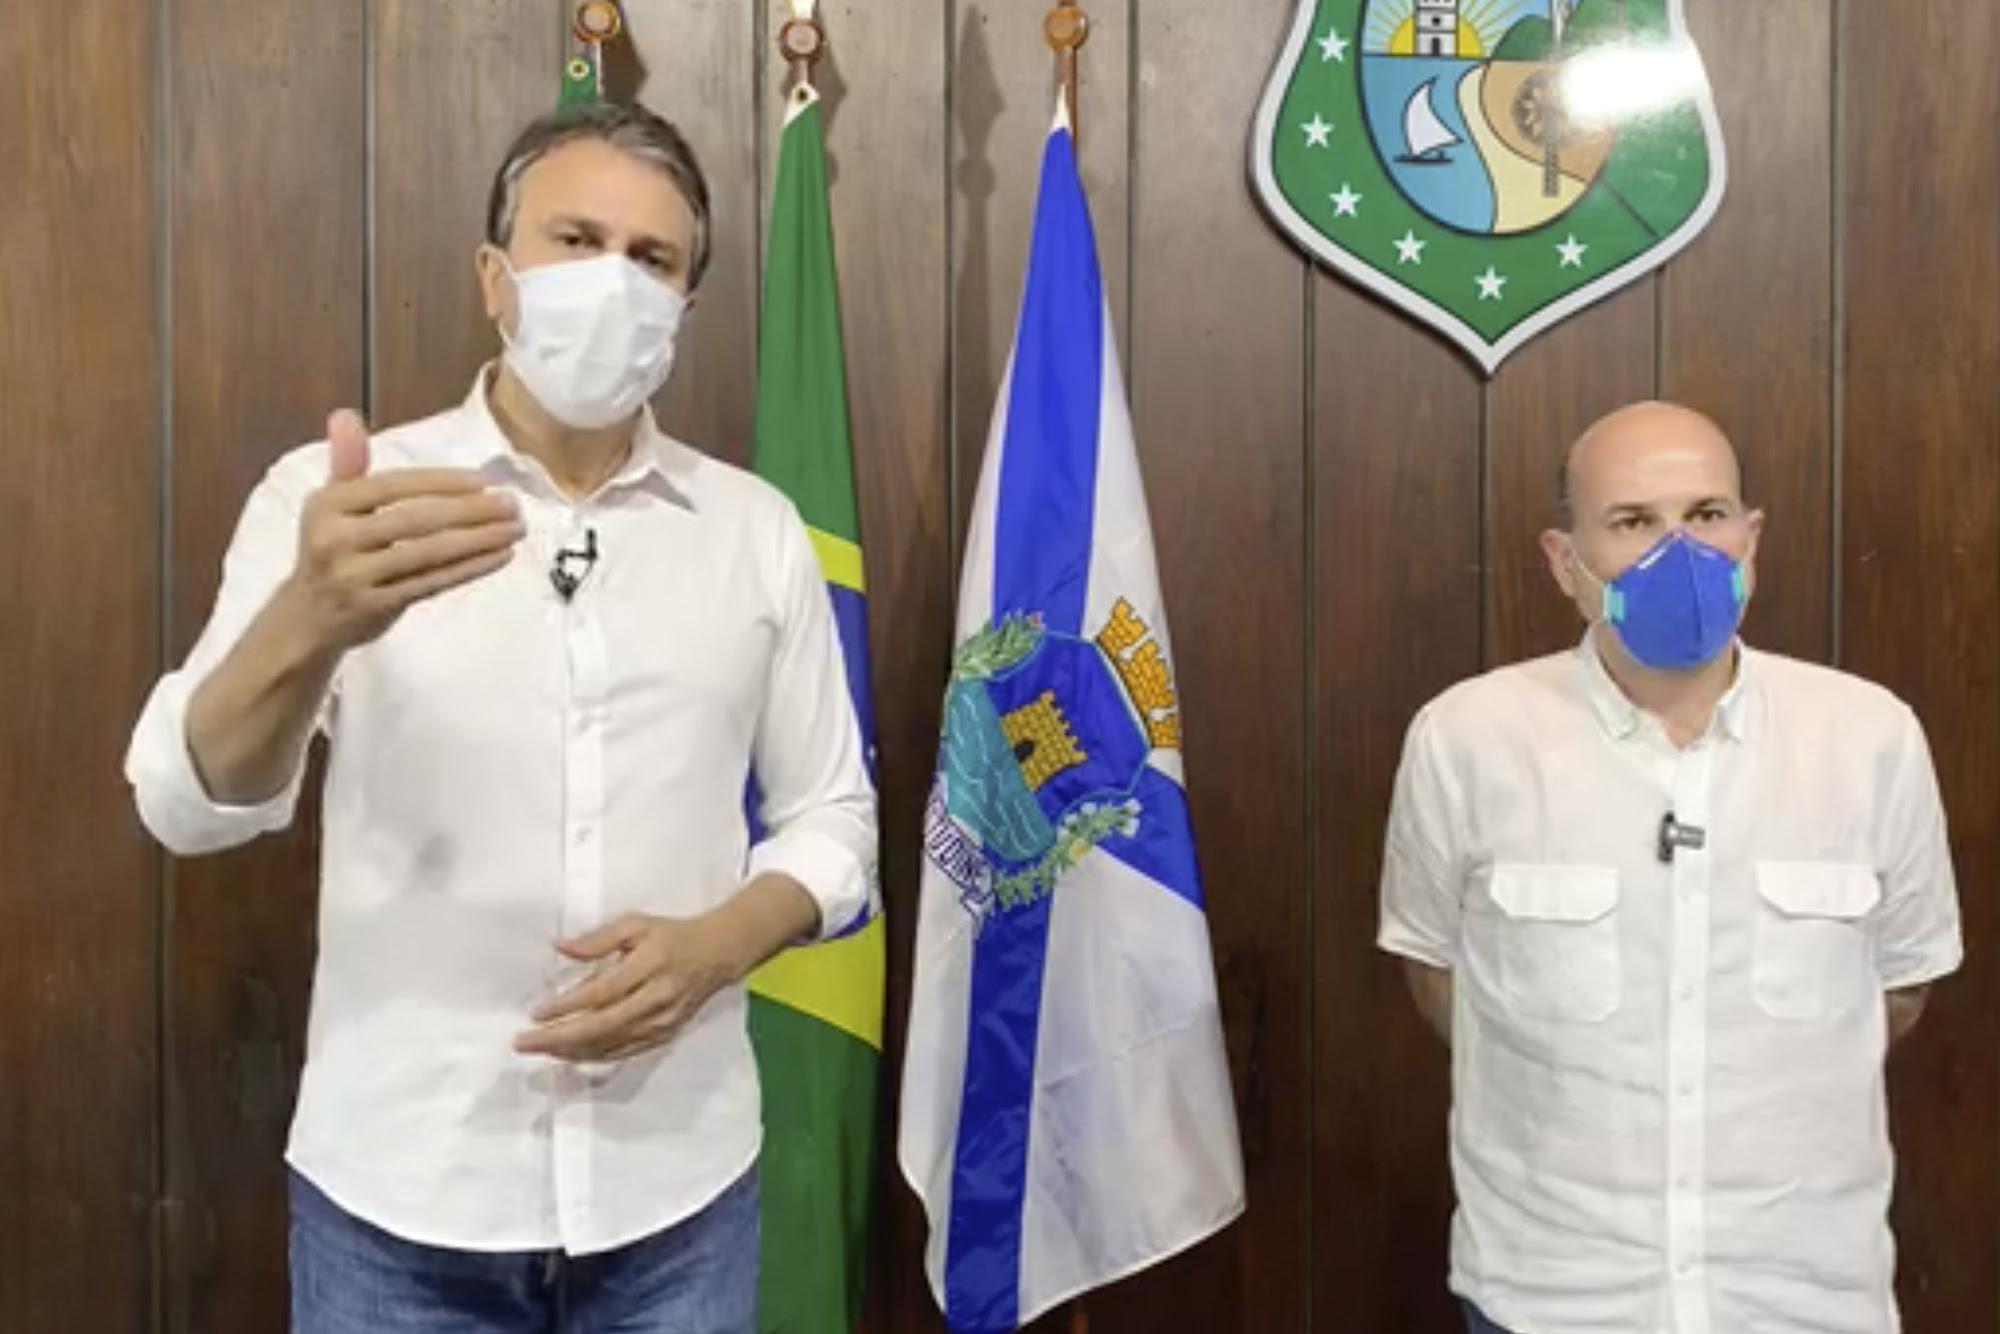 Decreto será renovado e isolamento social continua; começa fase de liberação de atividades econômicas